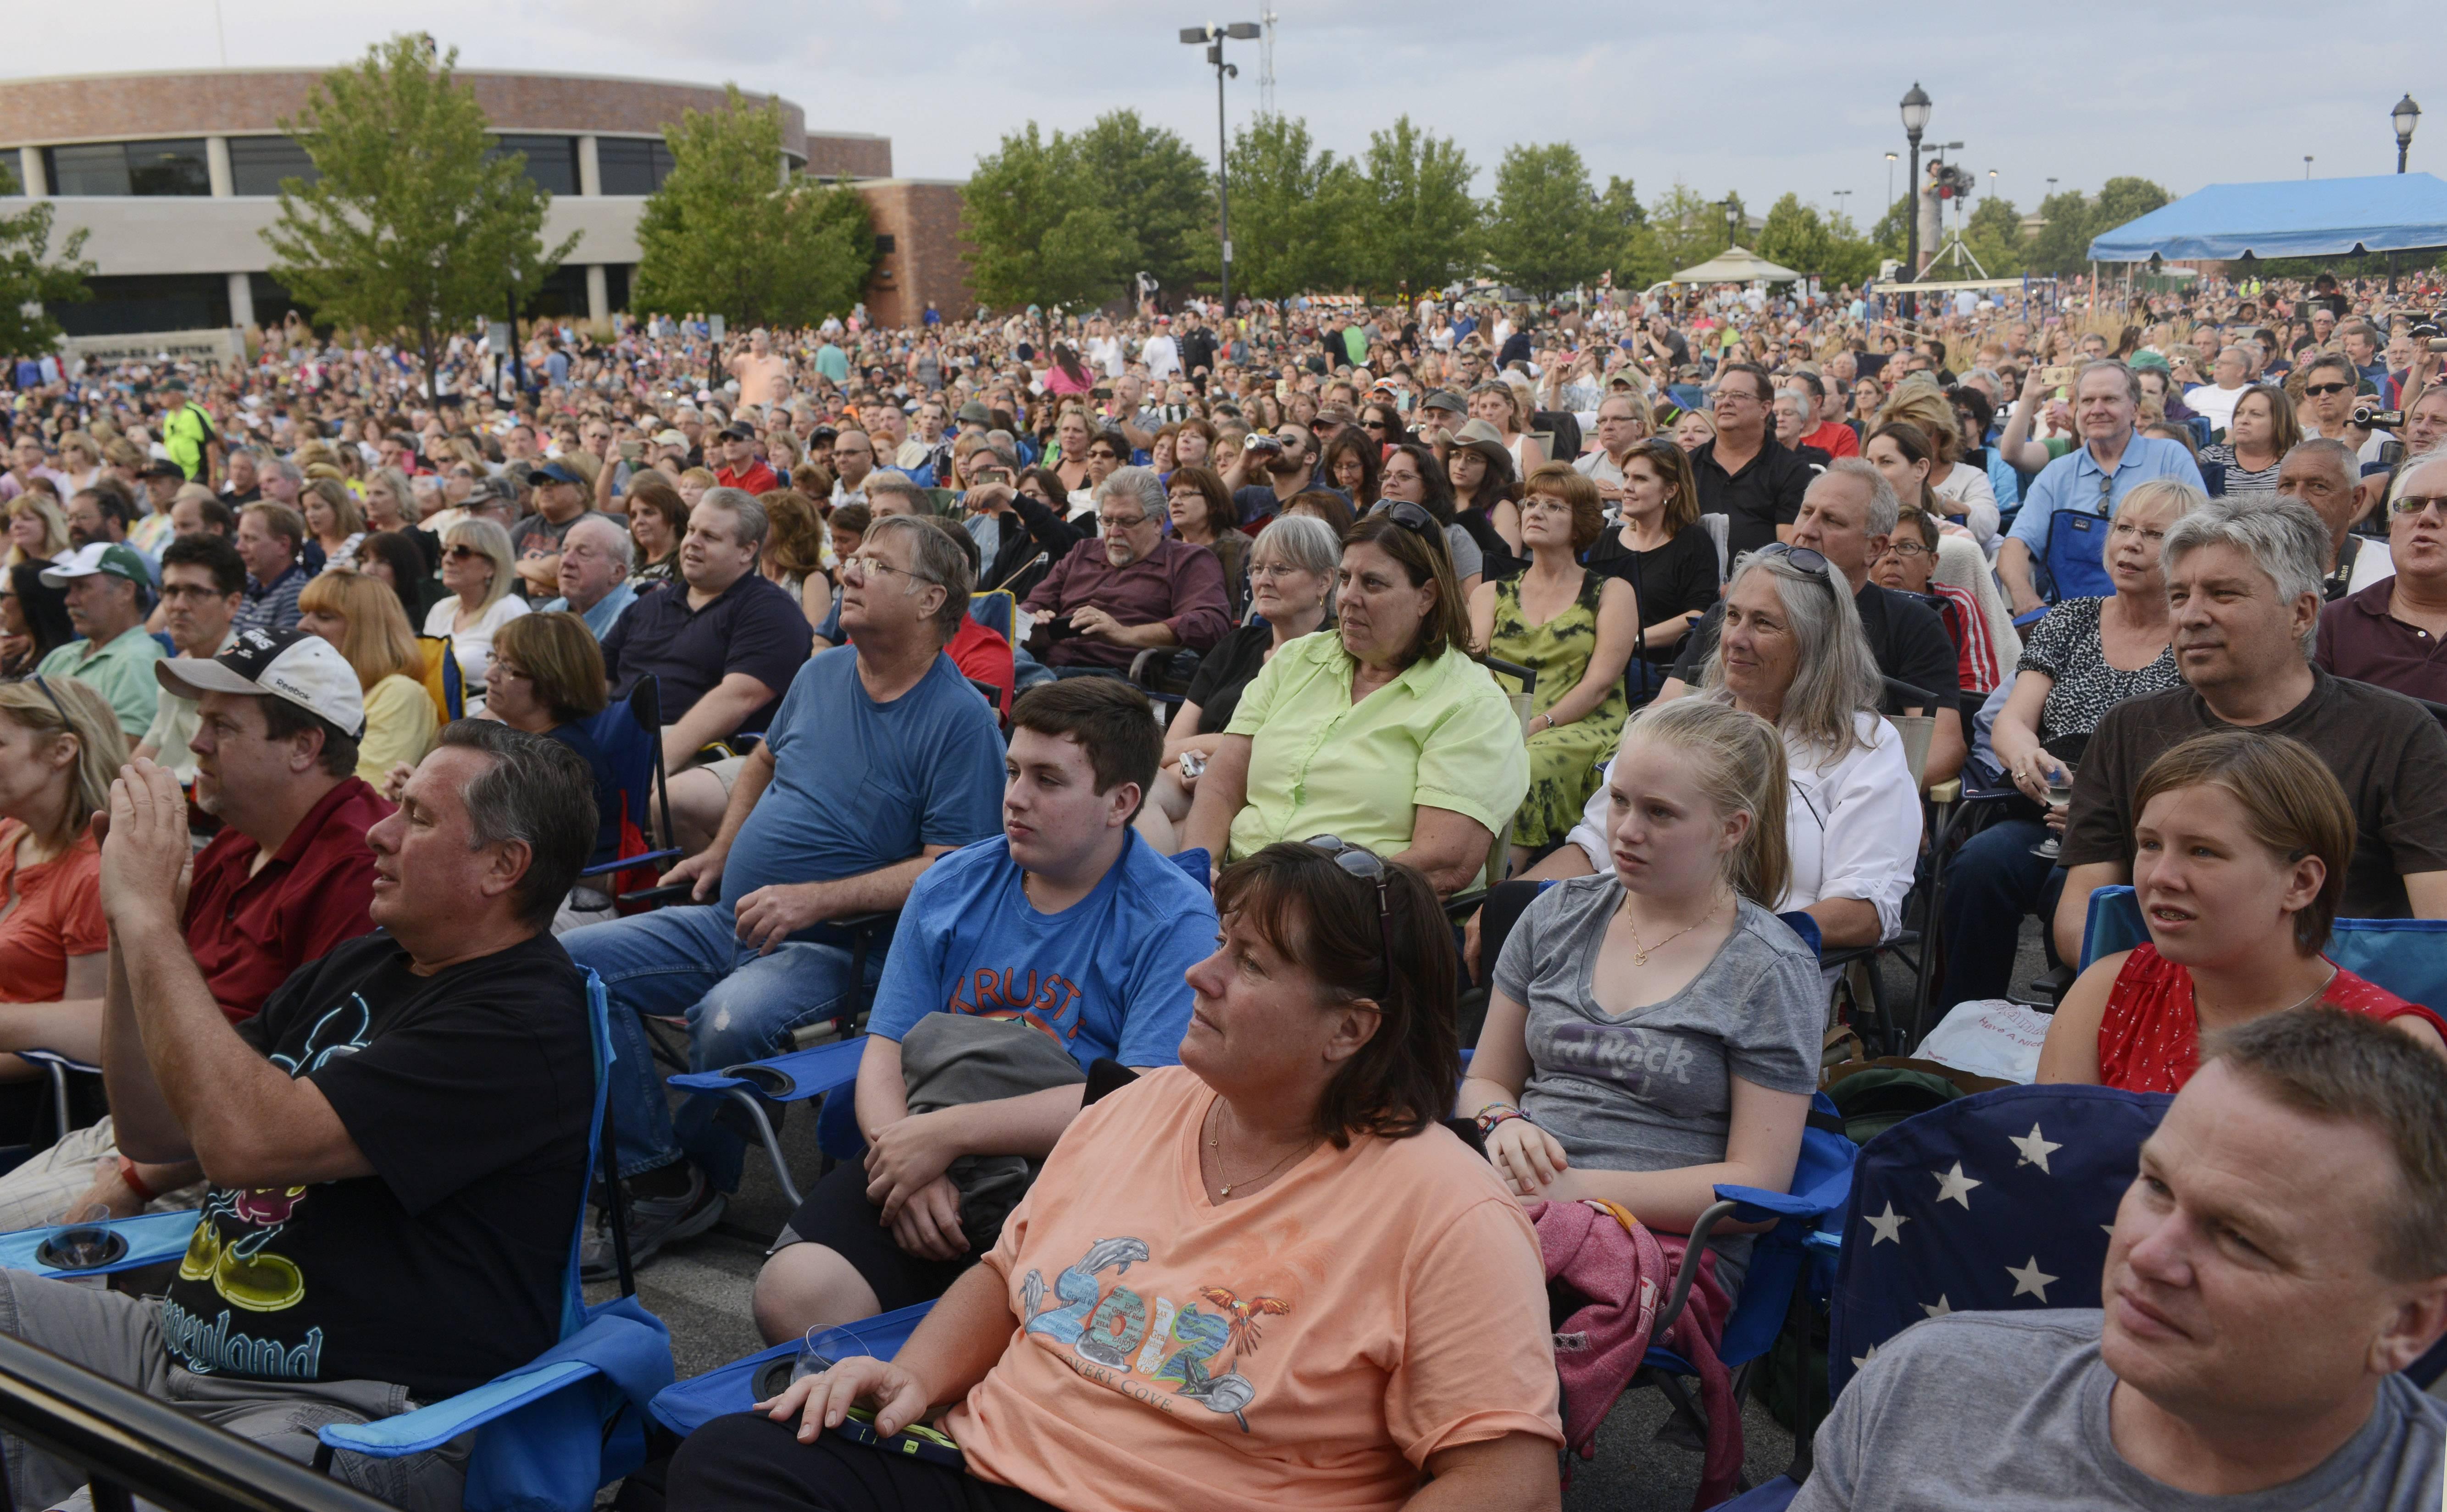 Elk Grove banning blankets at summer concerts